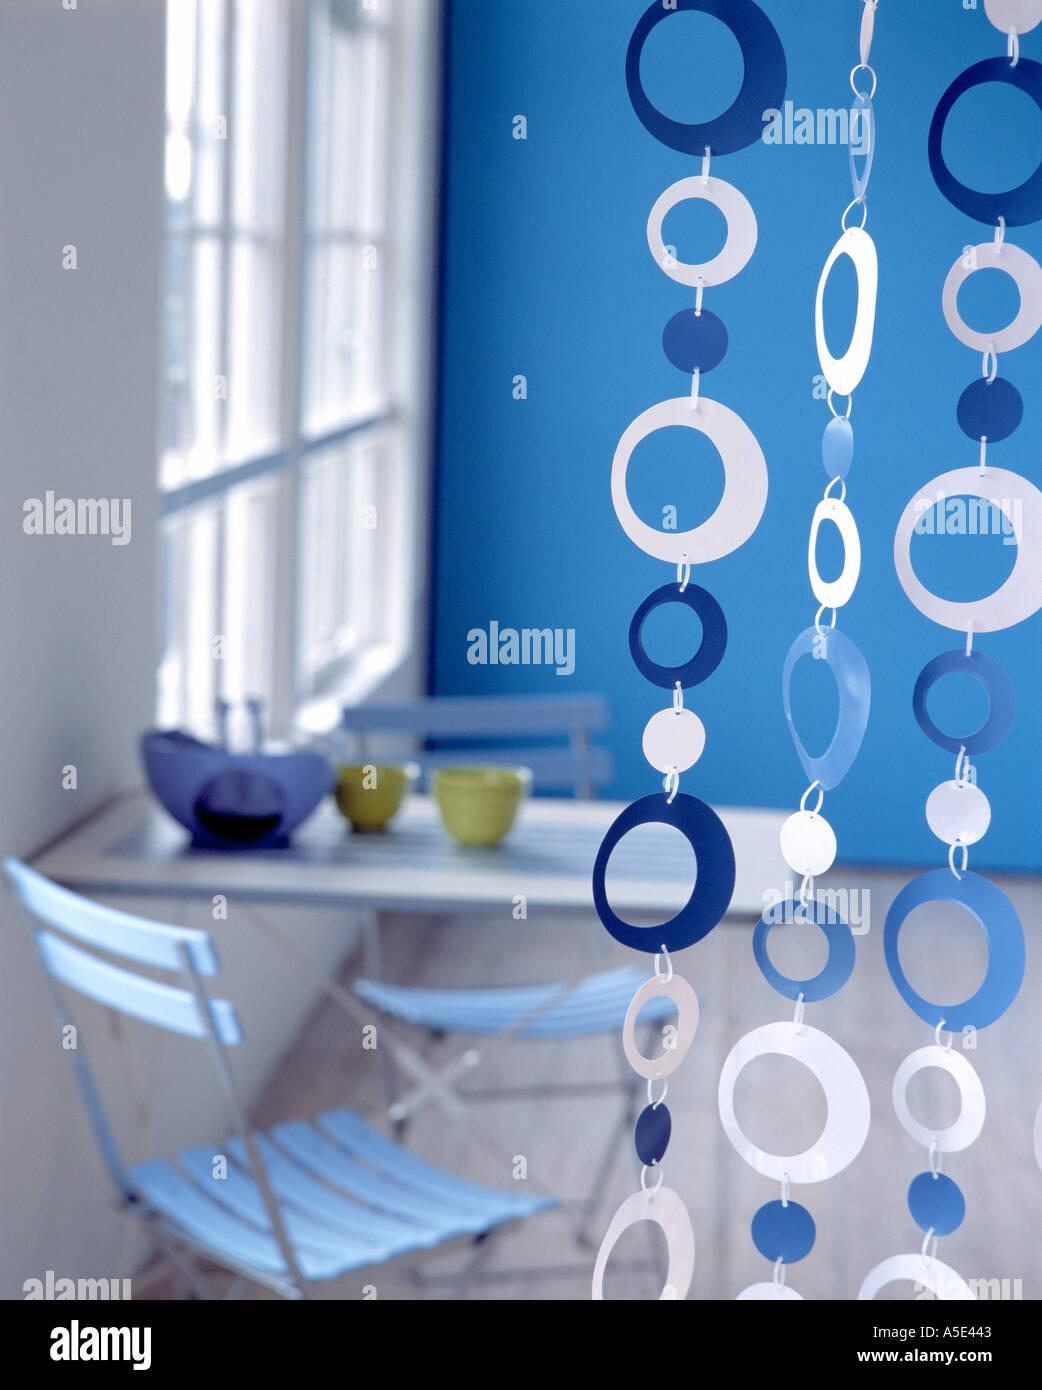 rideau de perles circulaires dans l 39 conomie bleue moderne. Black Bedroom Furniture Sets. Home Design Ideas